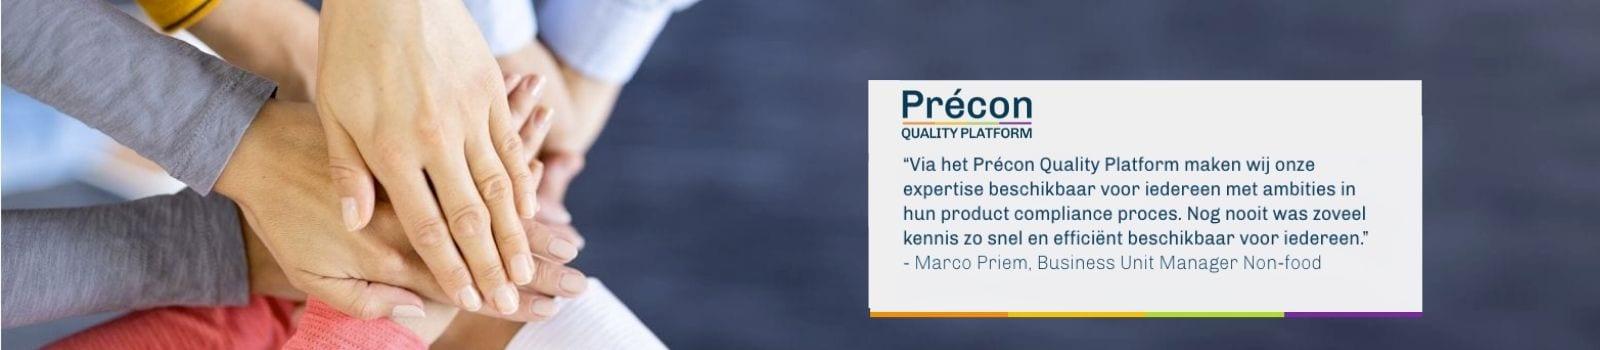 Précon Quality Platform